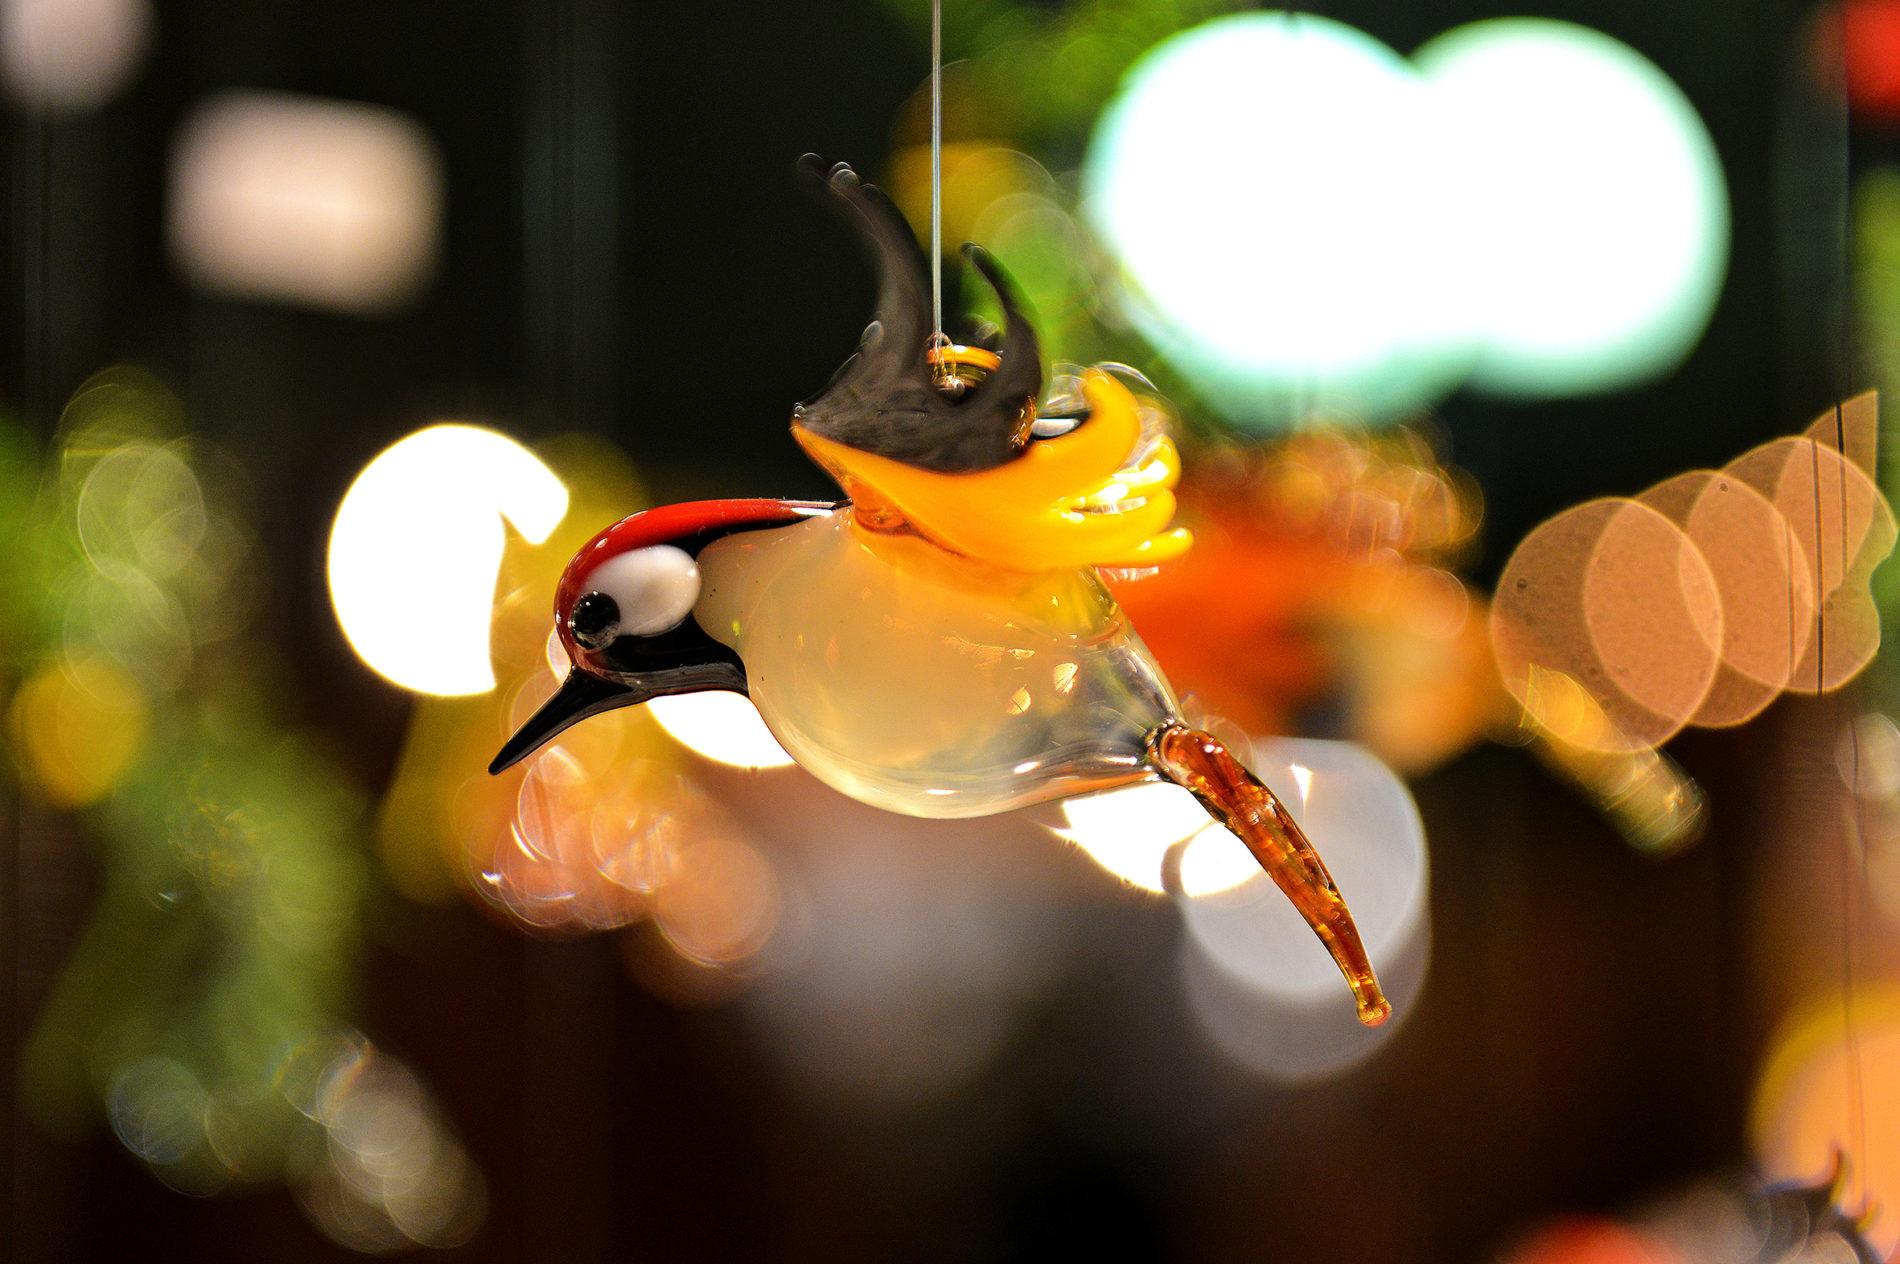 Handwerkskunst auf dem Göttinger Weihnachtsmarkt - ein Glasvogel